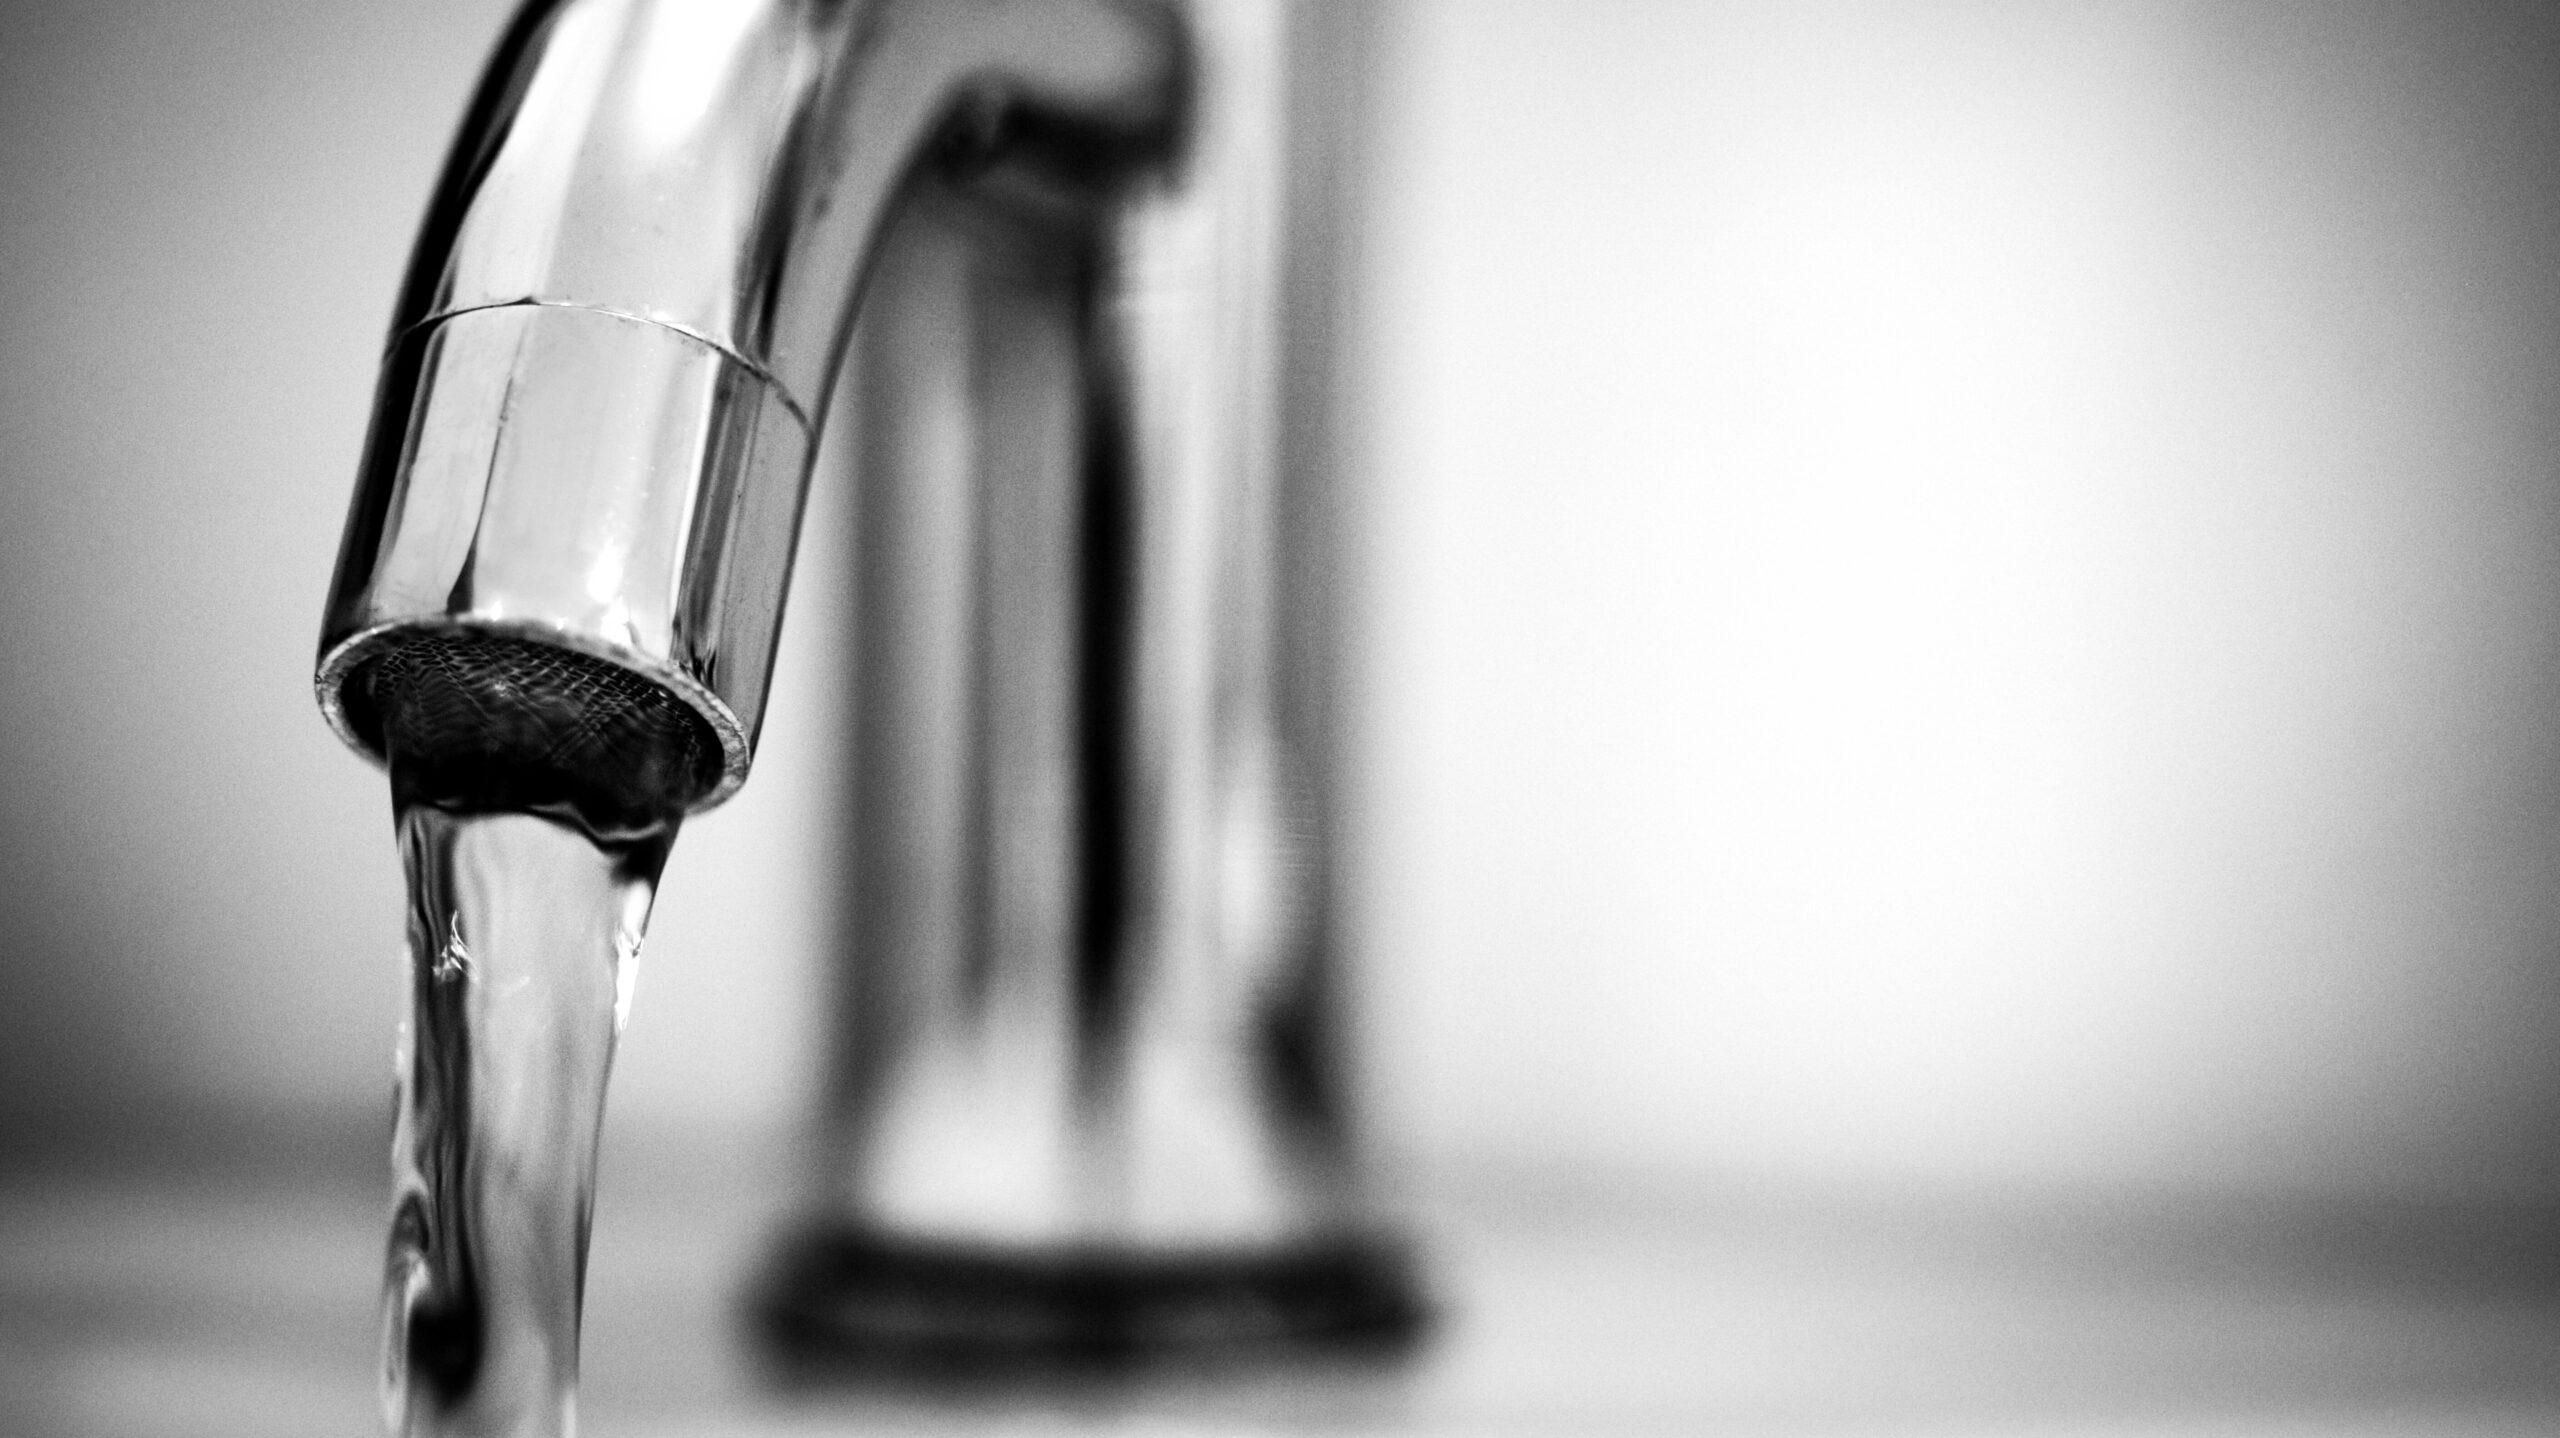 In der Frischwasserversorgung kommt oft Ozon zur Entkeimung zum Einsatz.